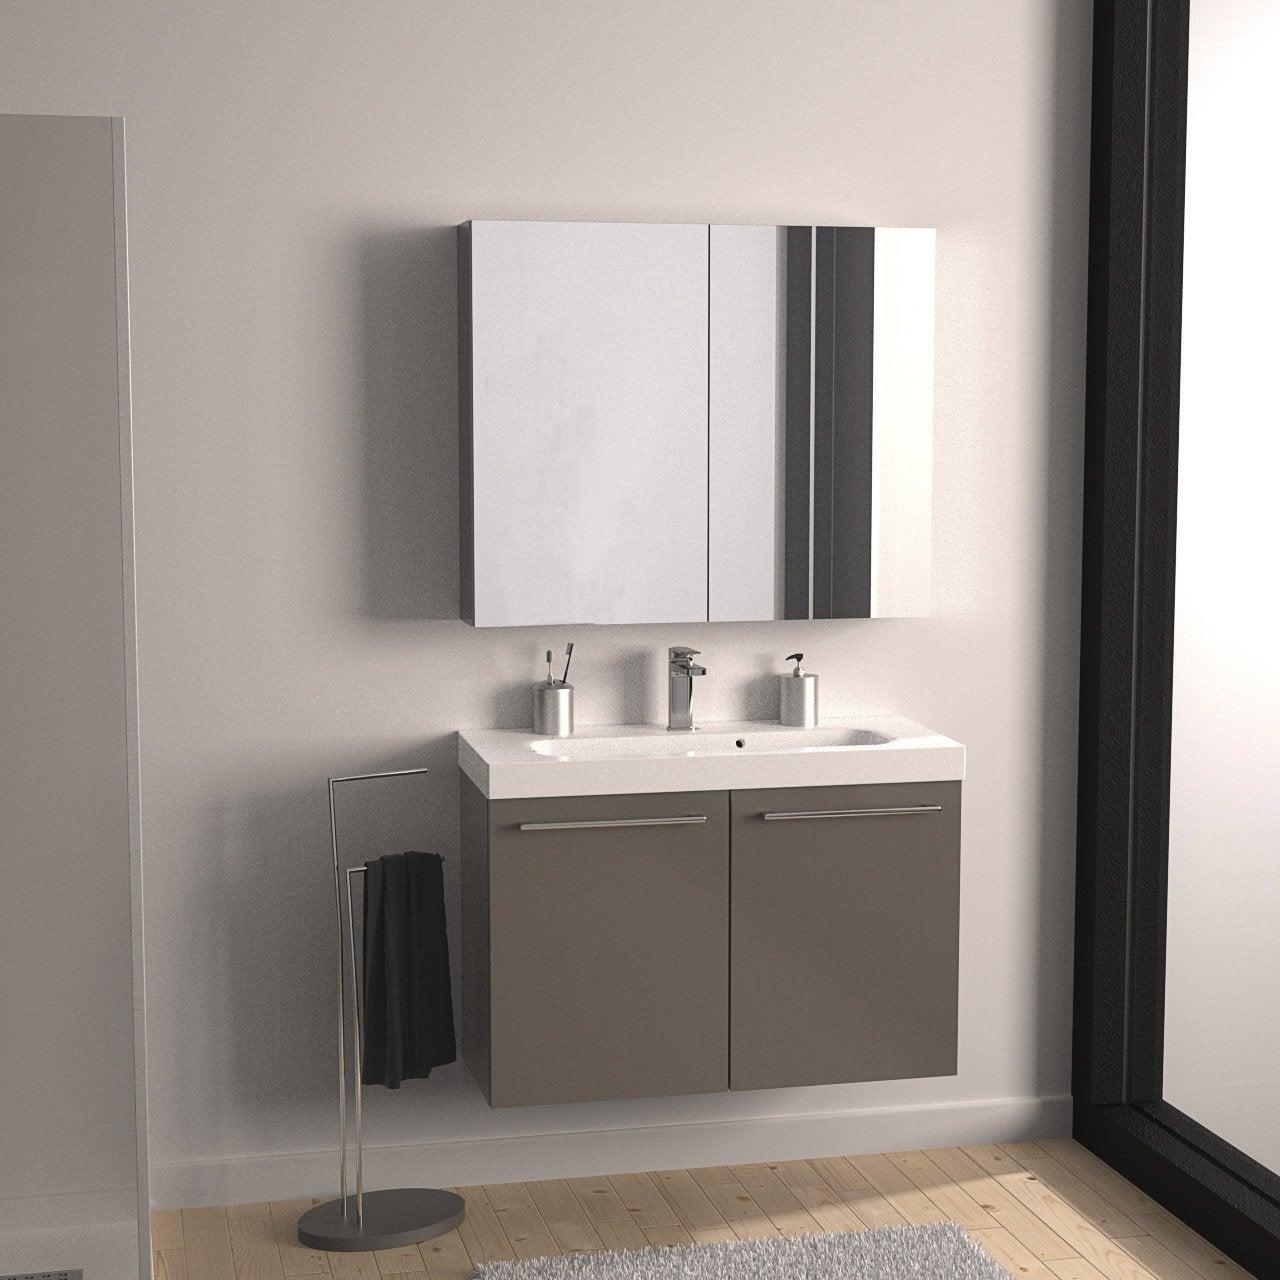 Meuble de salle de bains remix brun taupe n 3 61x35 5 cm for Meuble de salle de bain 2 portes